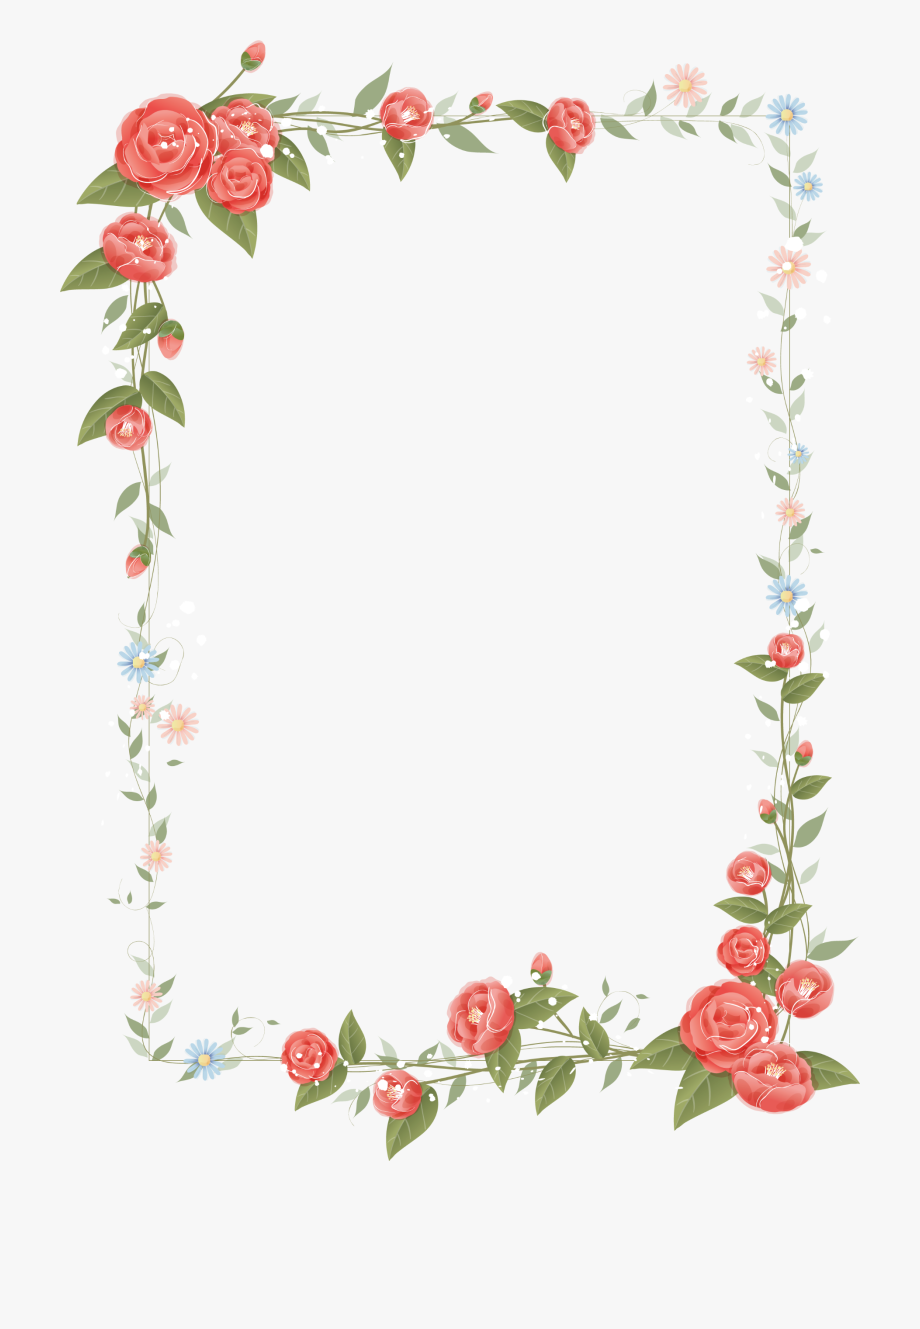 Rose frame design.